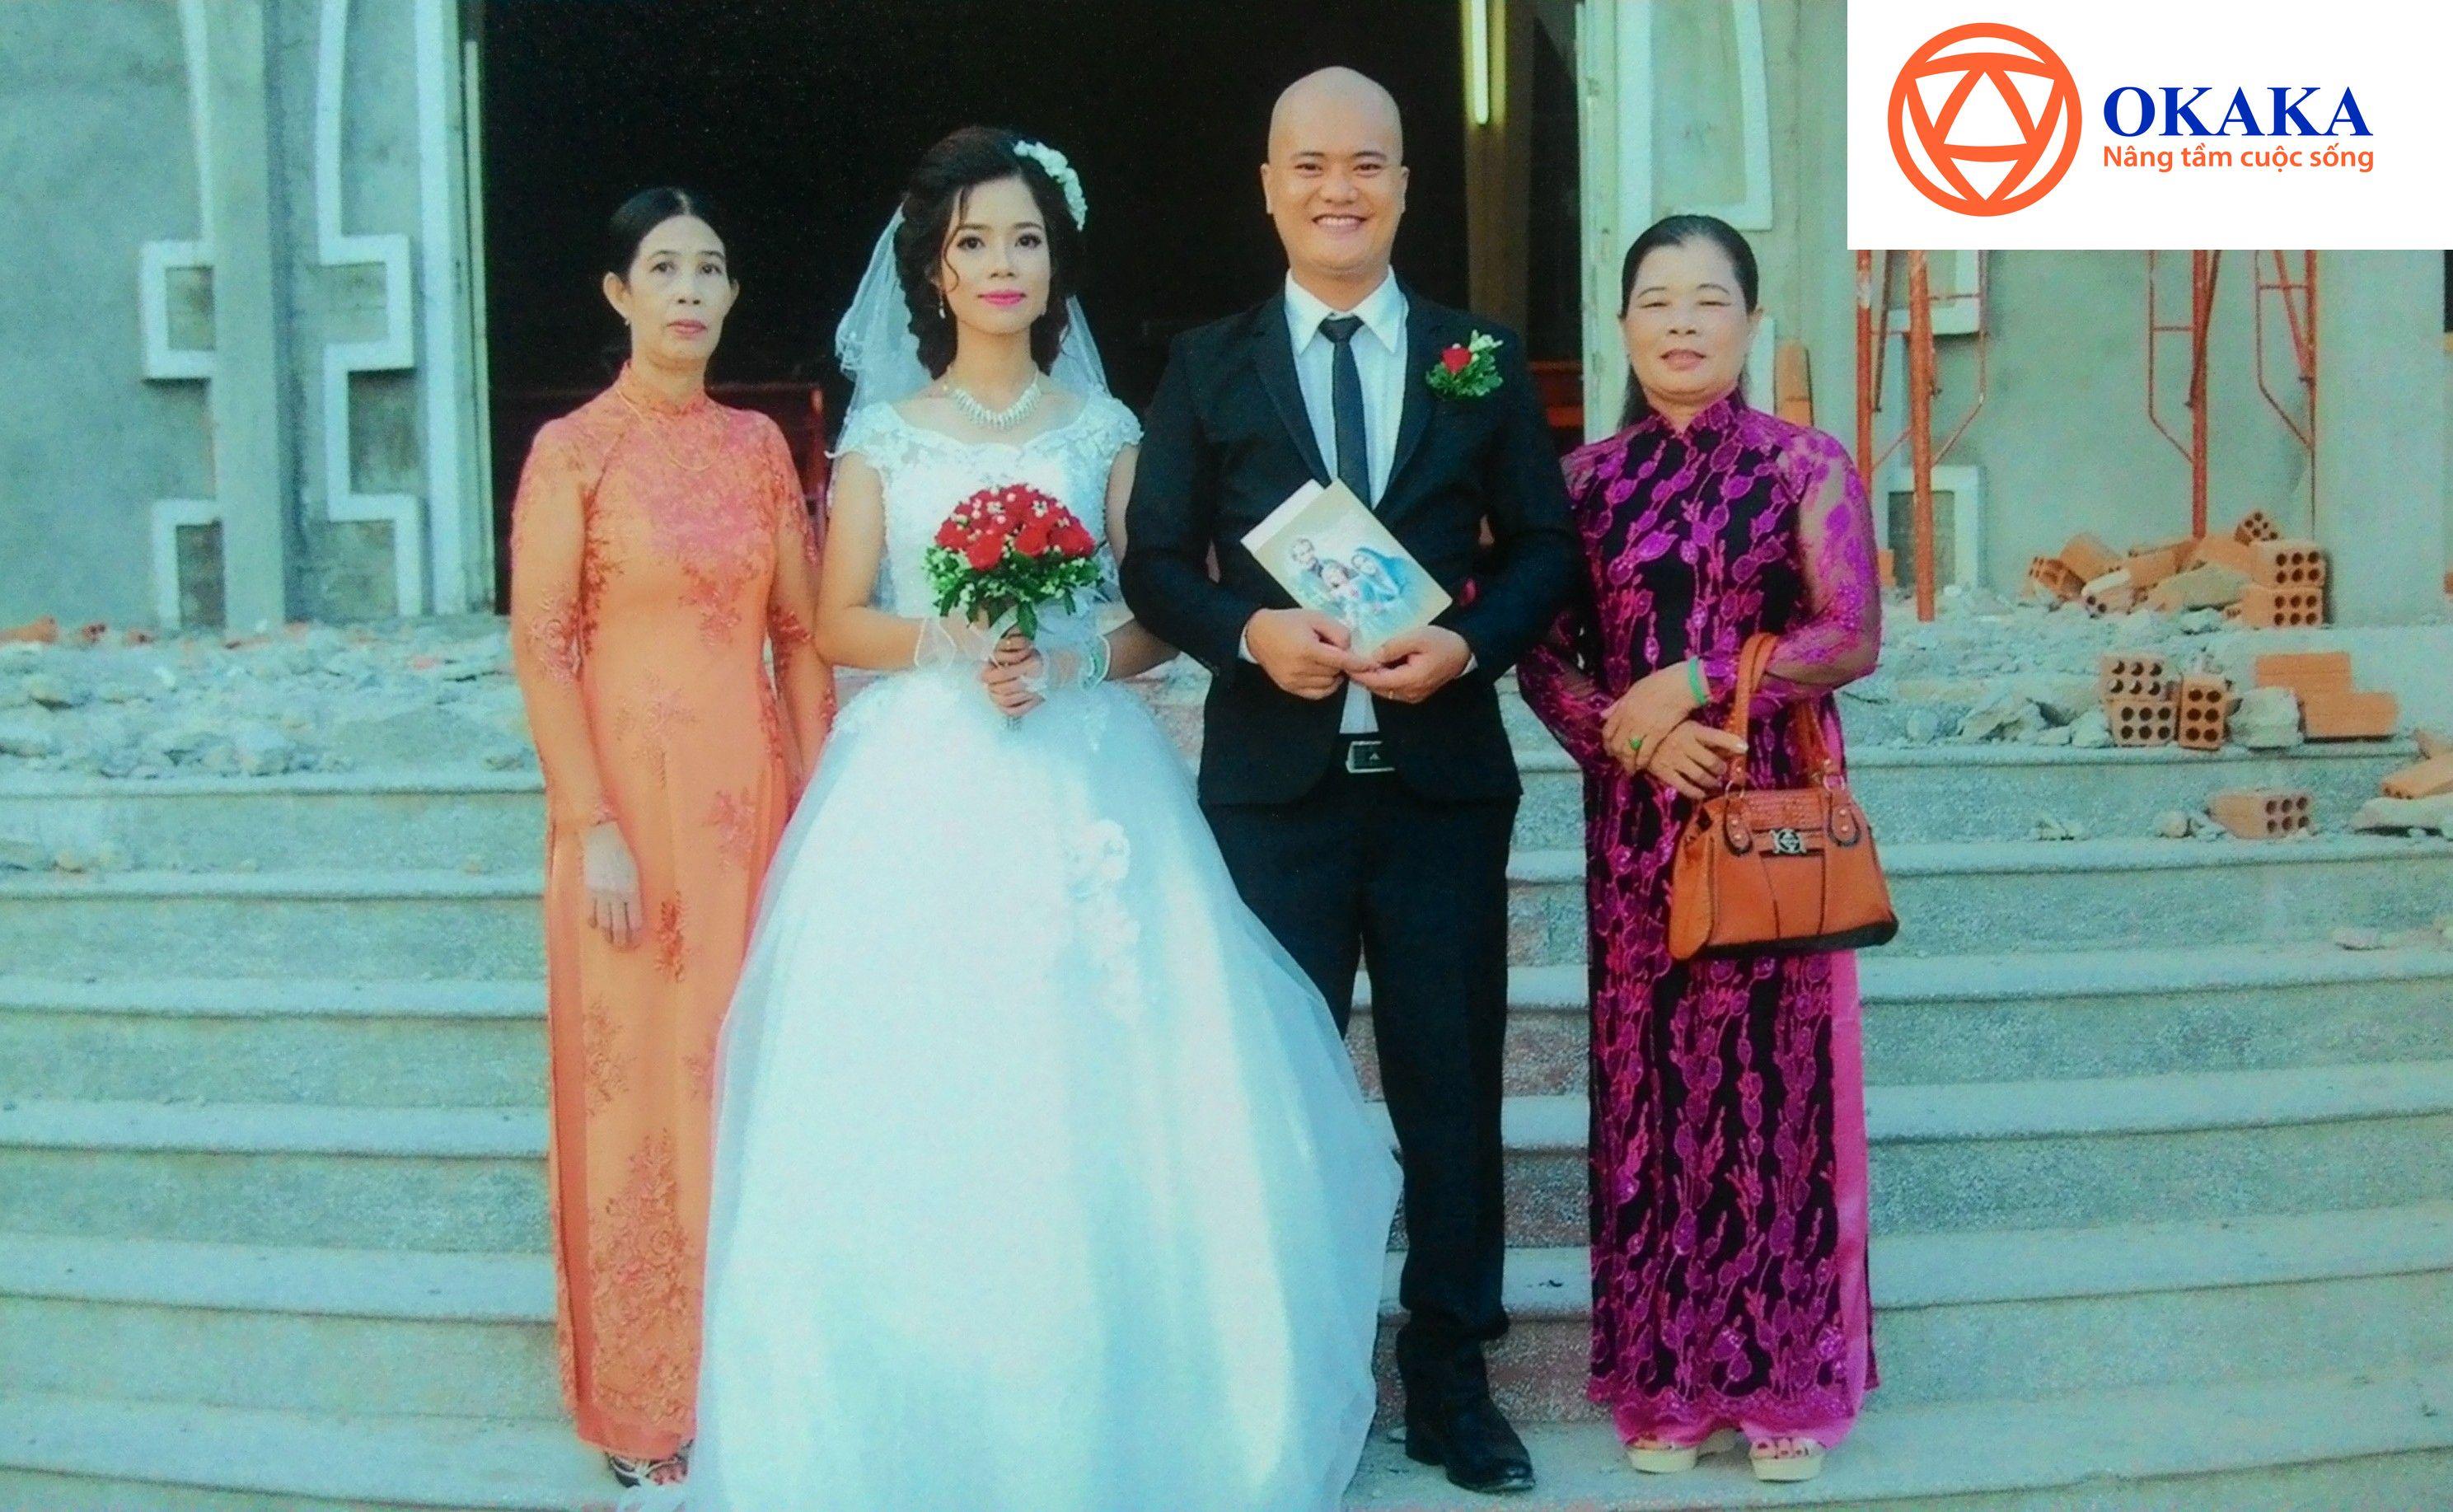 Tình yêu của chúng tôi đã kết thúc bằng một đám cưới viên mãn. Niềm vui nhân đôi khi cưới em, tôi còn có thêm một người mẹ nữa (cùng một người ba và nhiều anh chị em khác). Ngày của Mẹ năm nay, tôi đã có đến 2 người mẹ để chúc mừng.